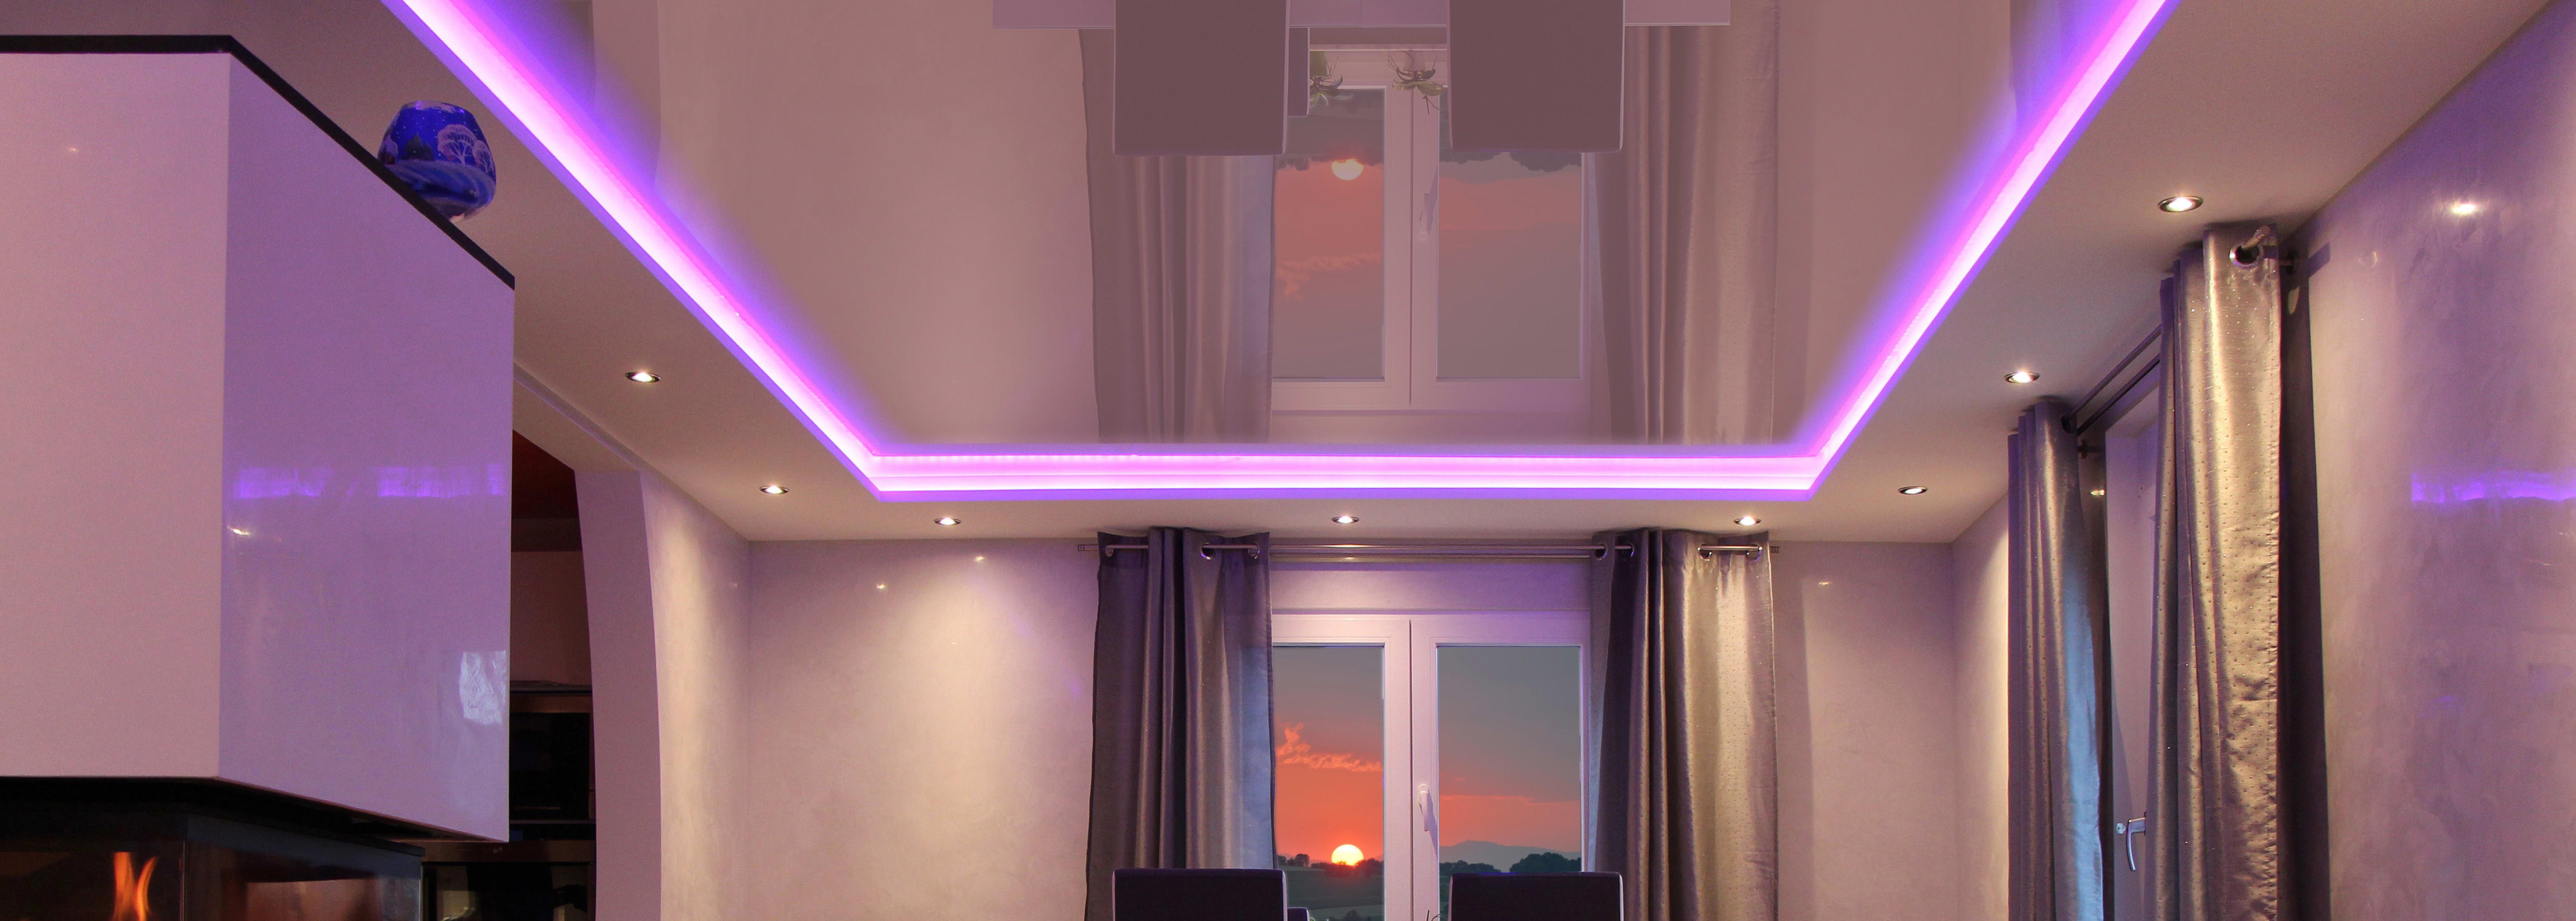 Lackspanndecke mit LED Panels und Leuchten integriert